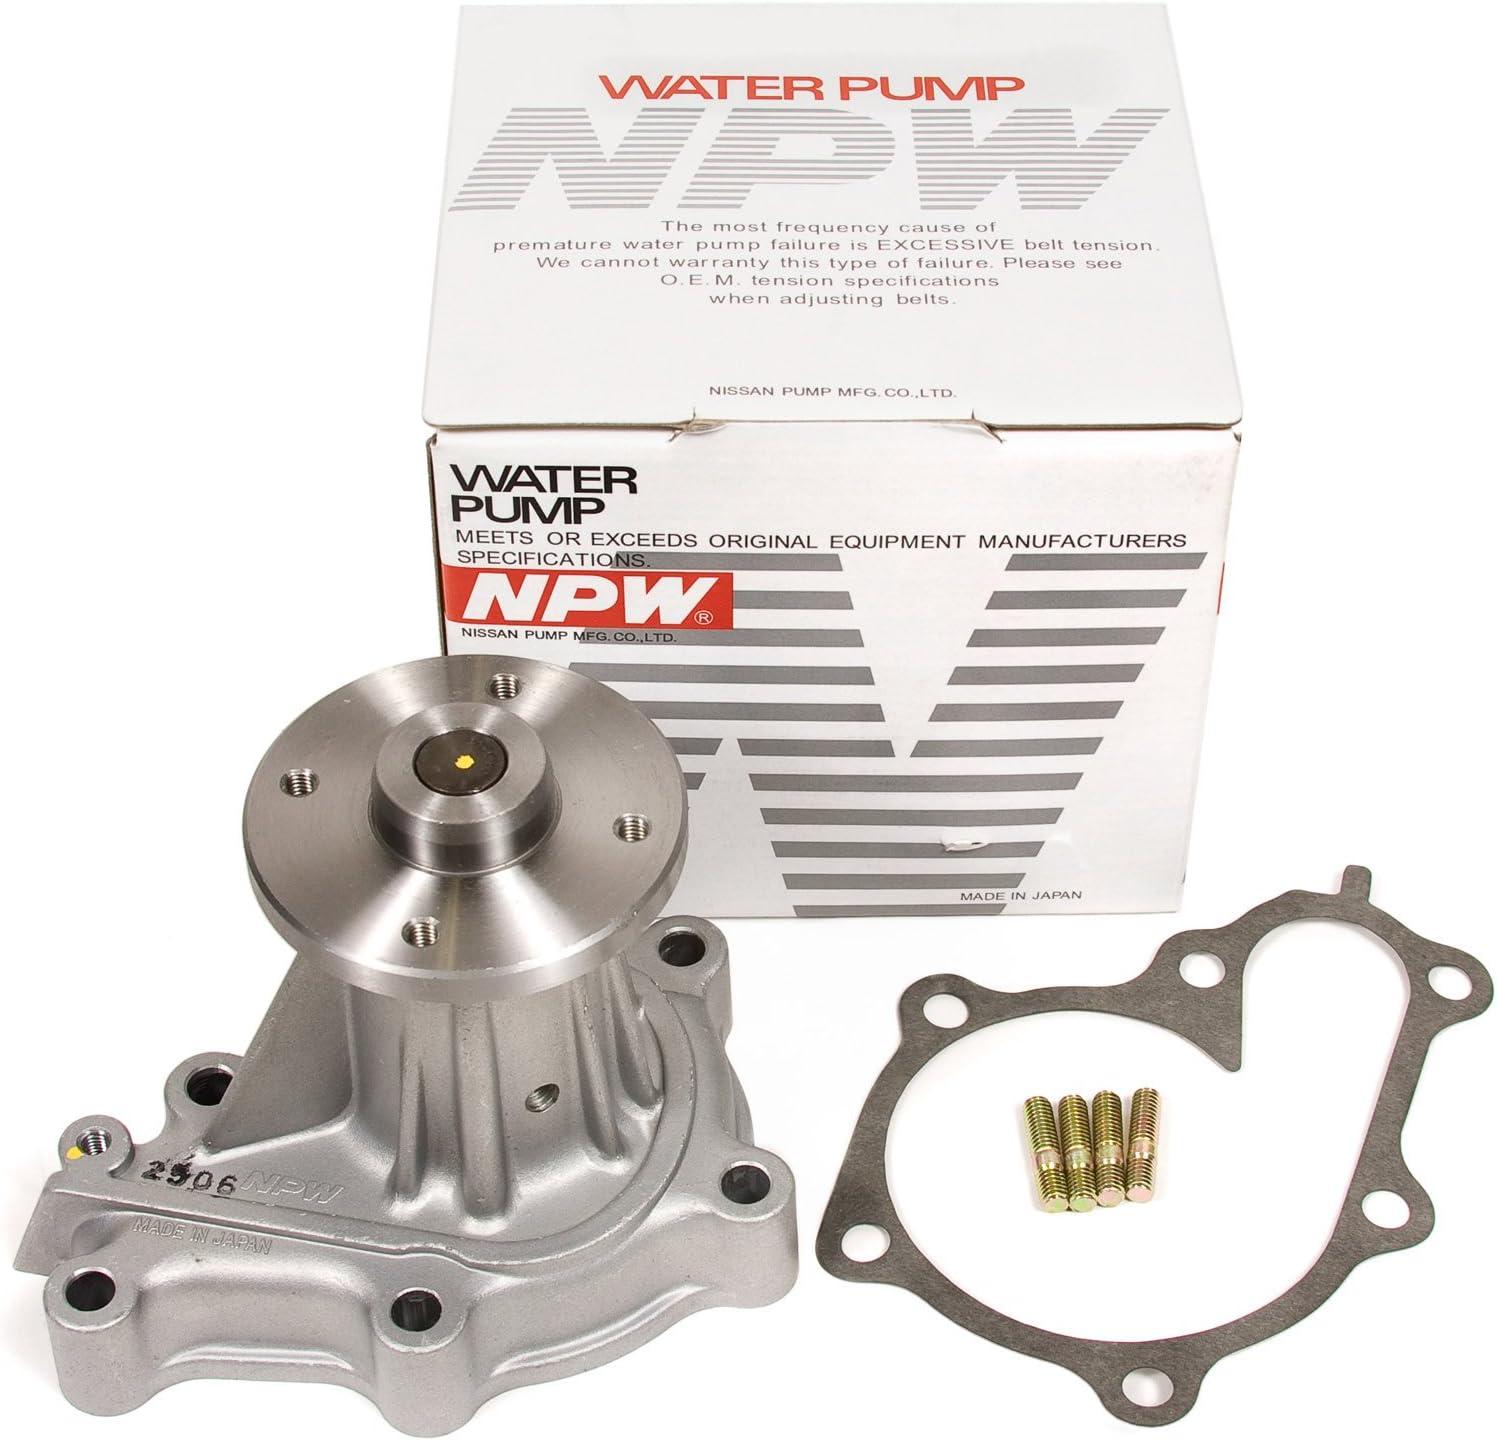 Evergreen TBK180WPN Fits 90-96 Nissan 300ZX Non /& Turbo 3.0L VG30DETT Timing Belt Kit NPW Water Pump